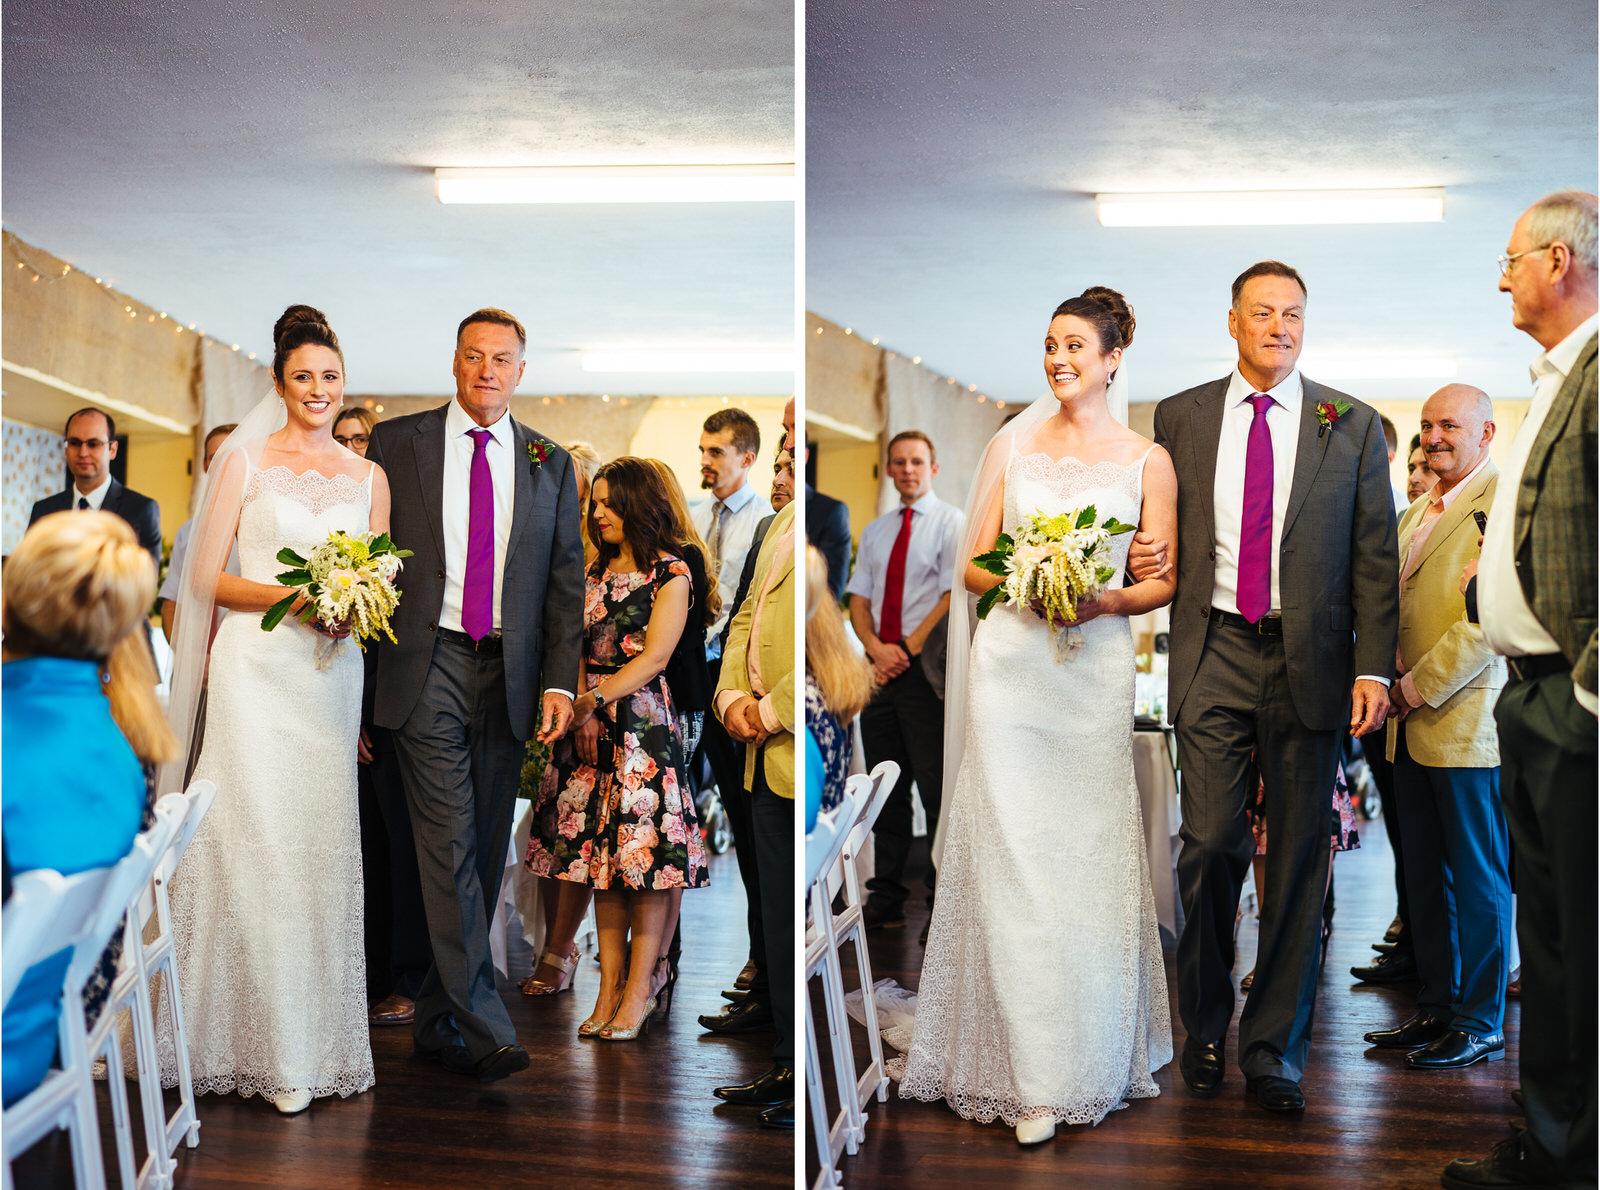 addy_matt_wedding_greenwich_sailing_club-66a